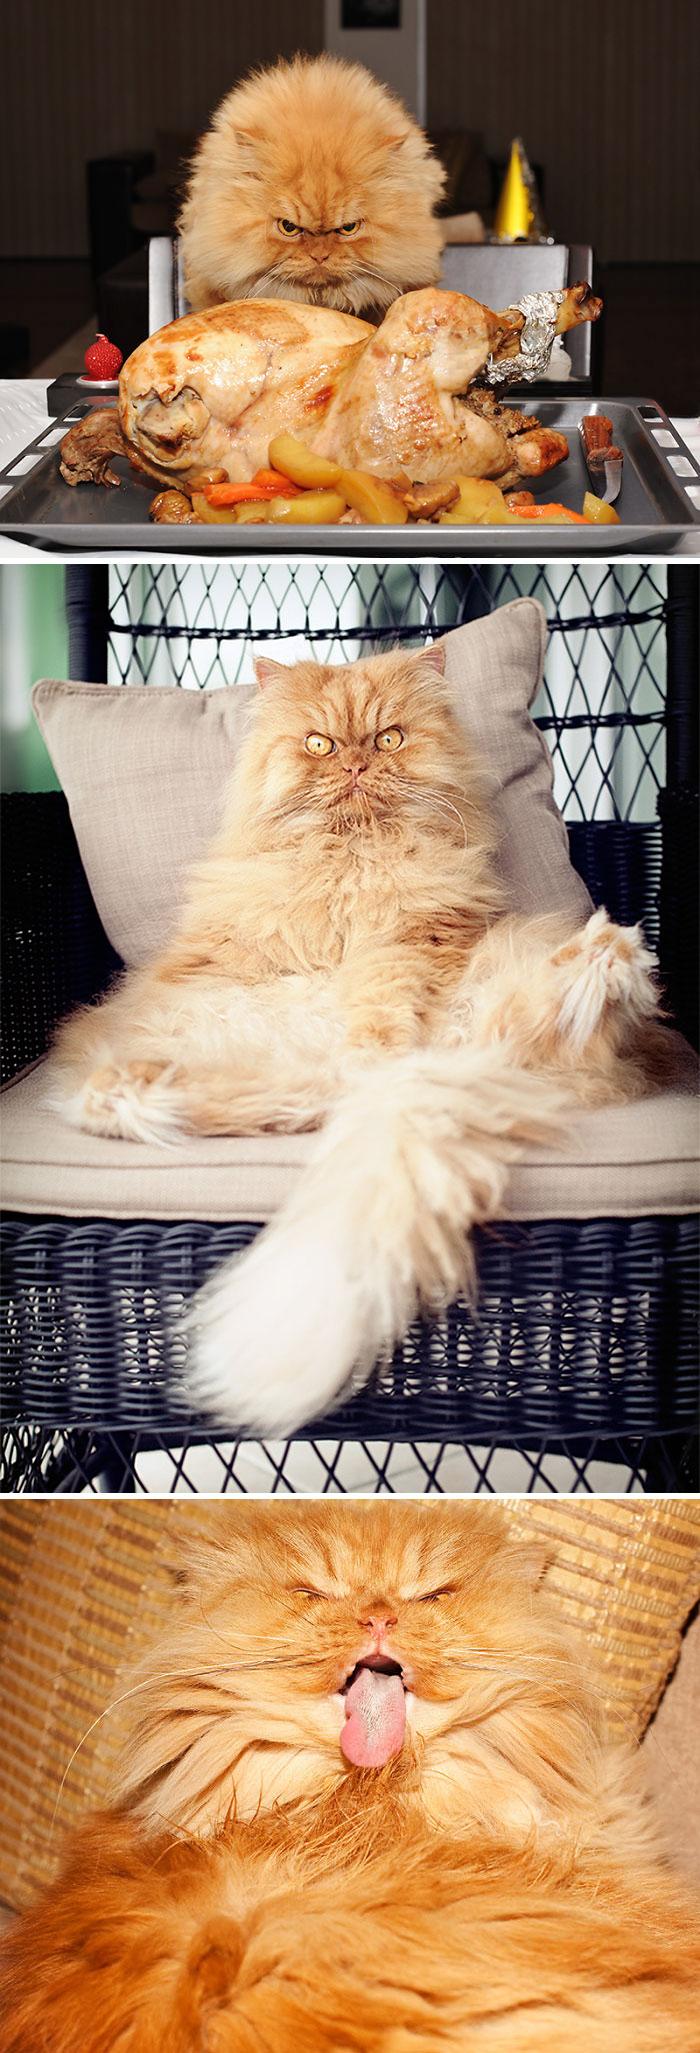 gato-enfadado